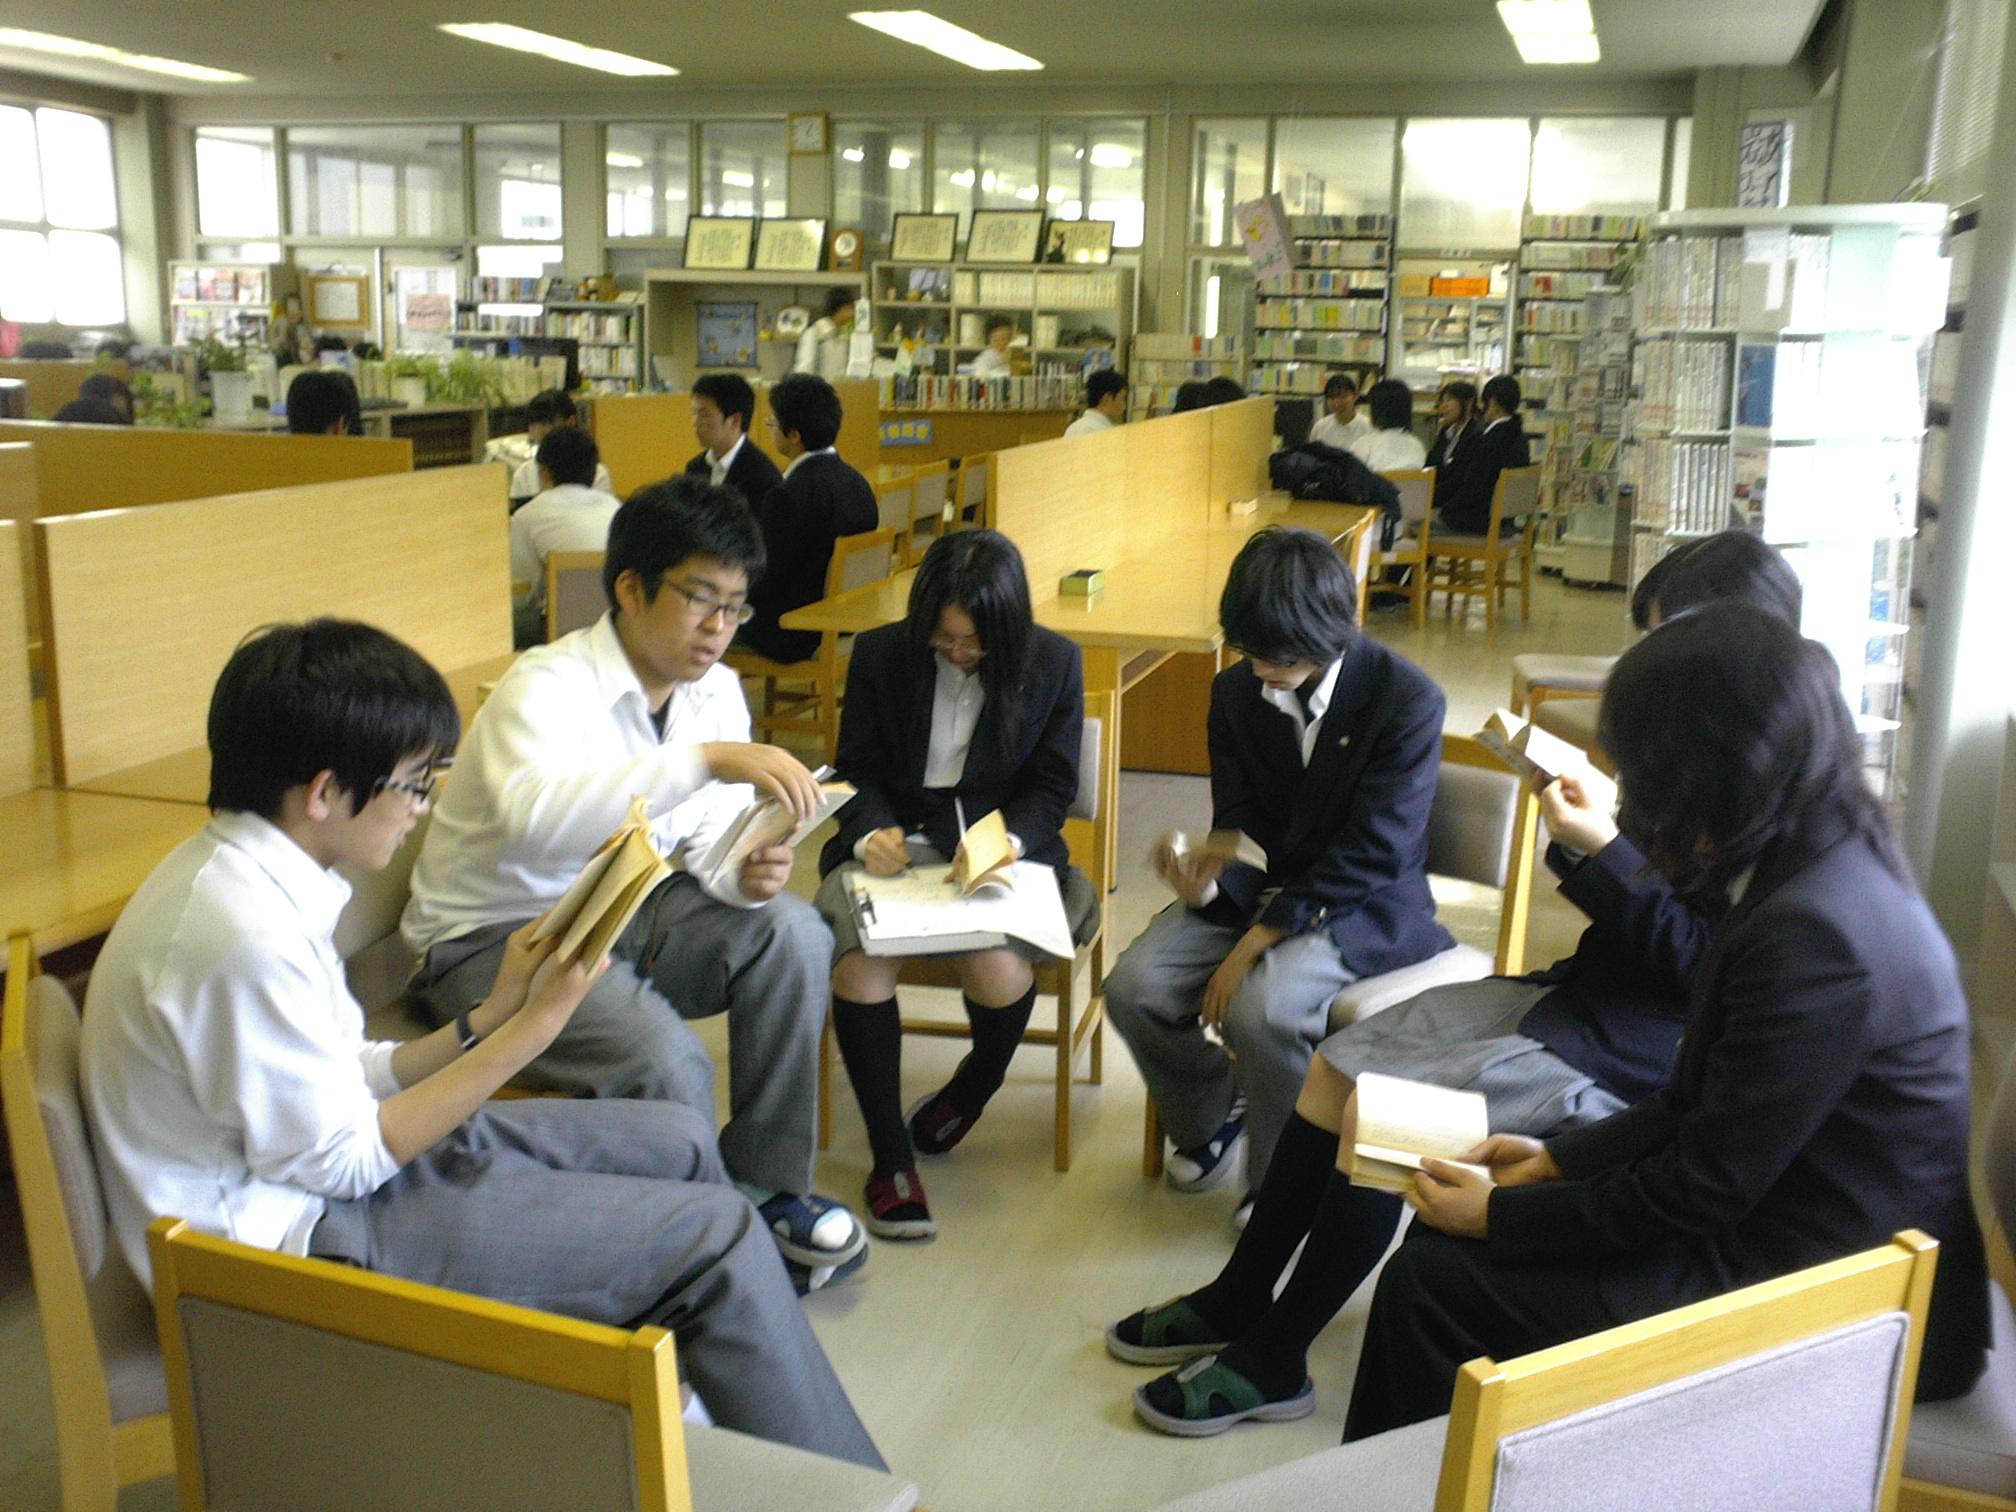 金沢泉丘高等学校校内画像